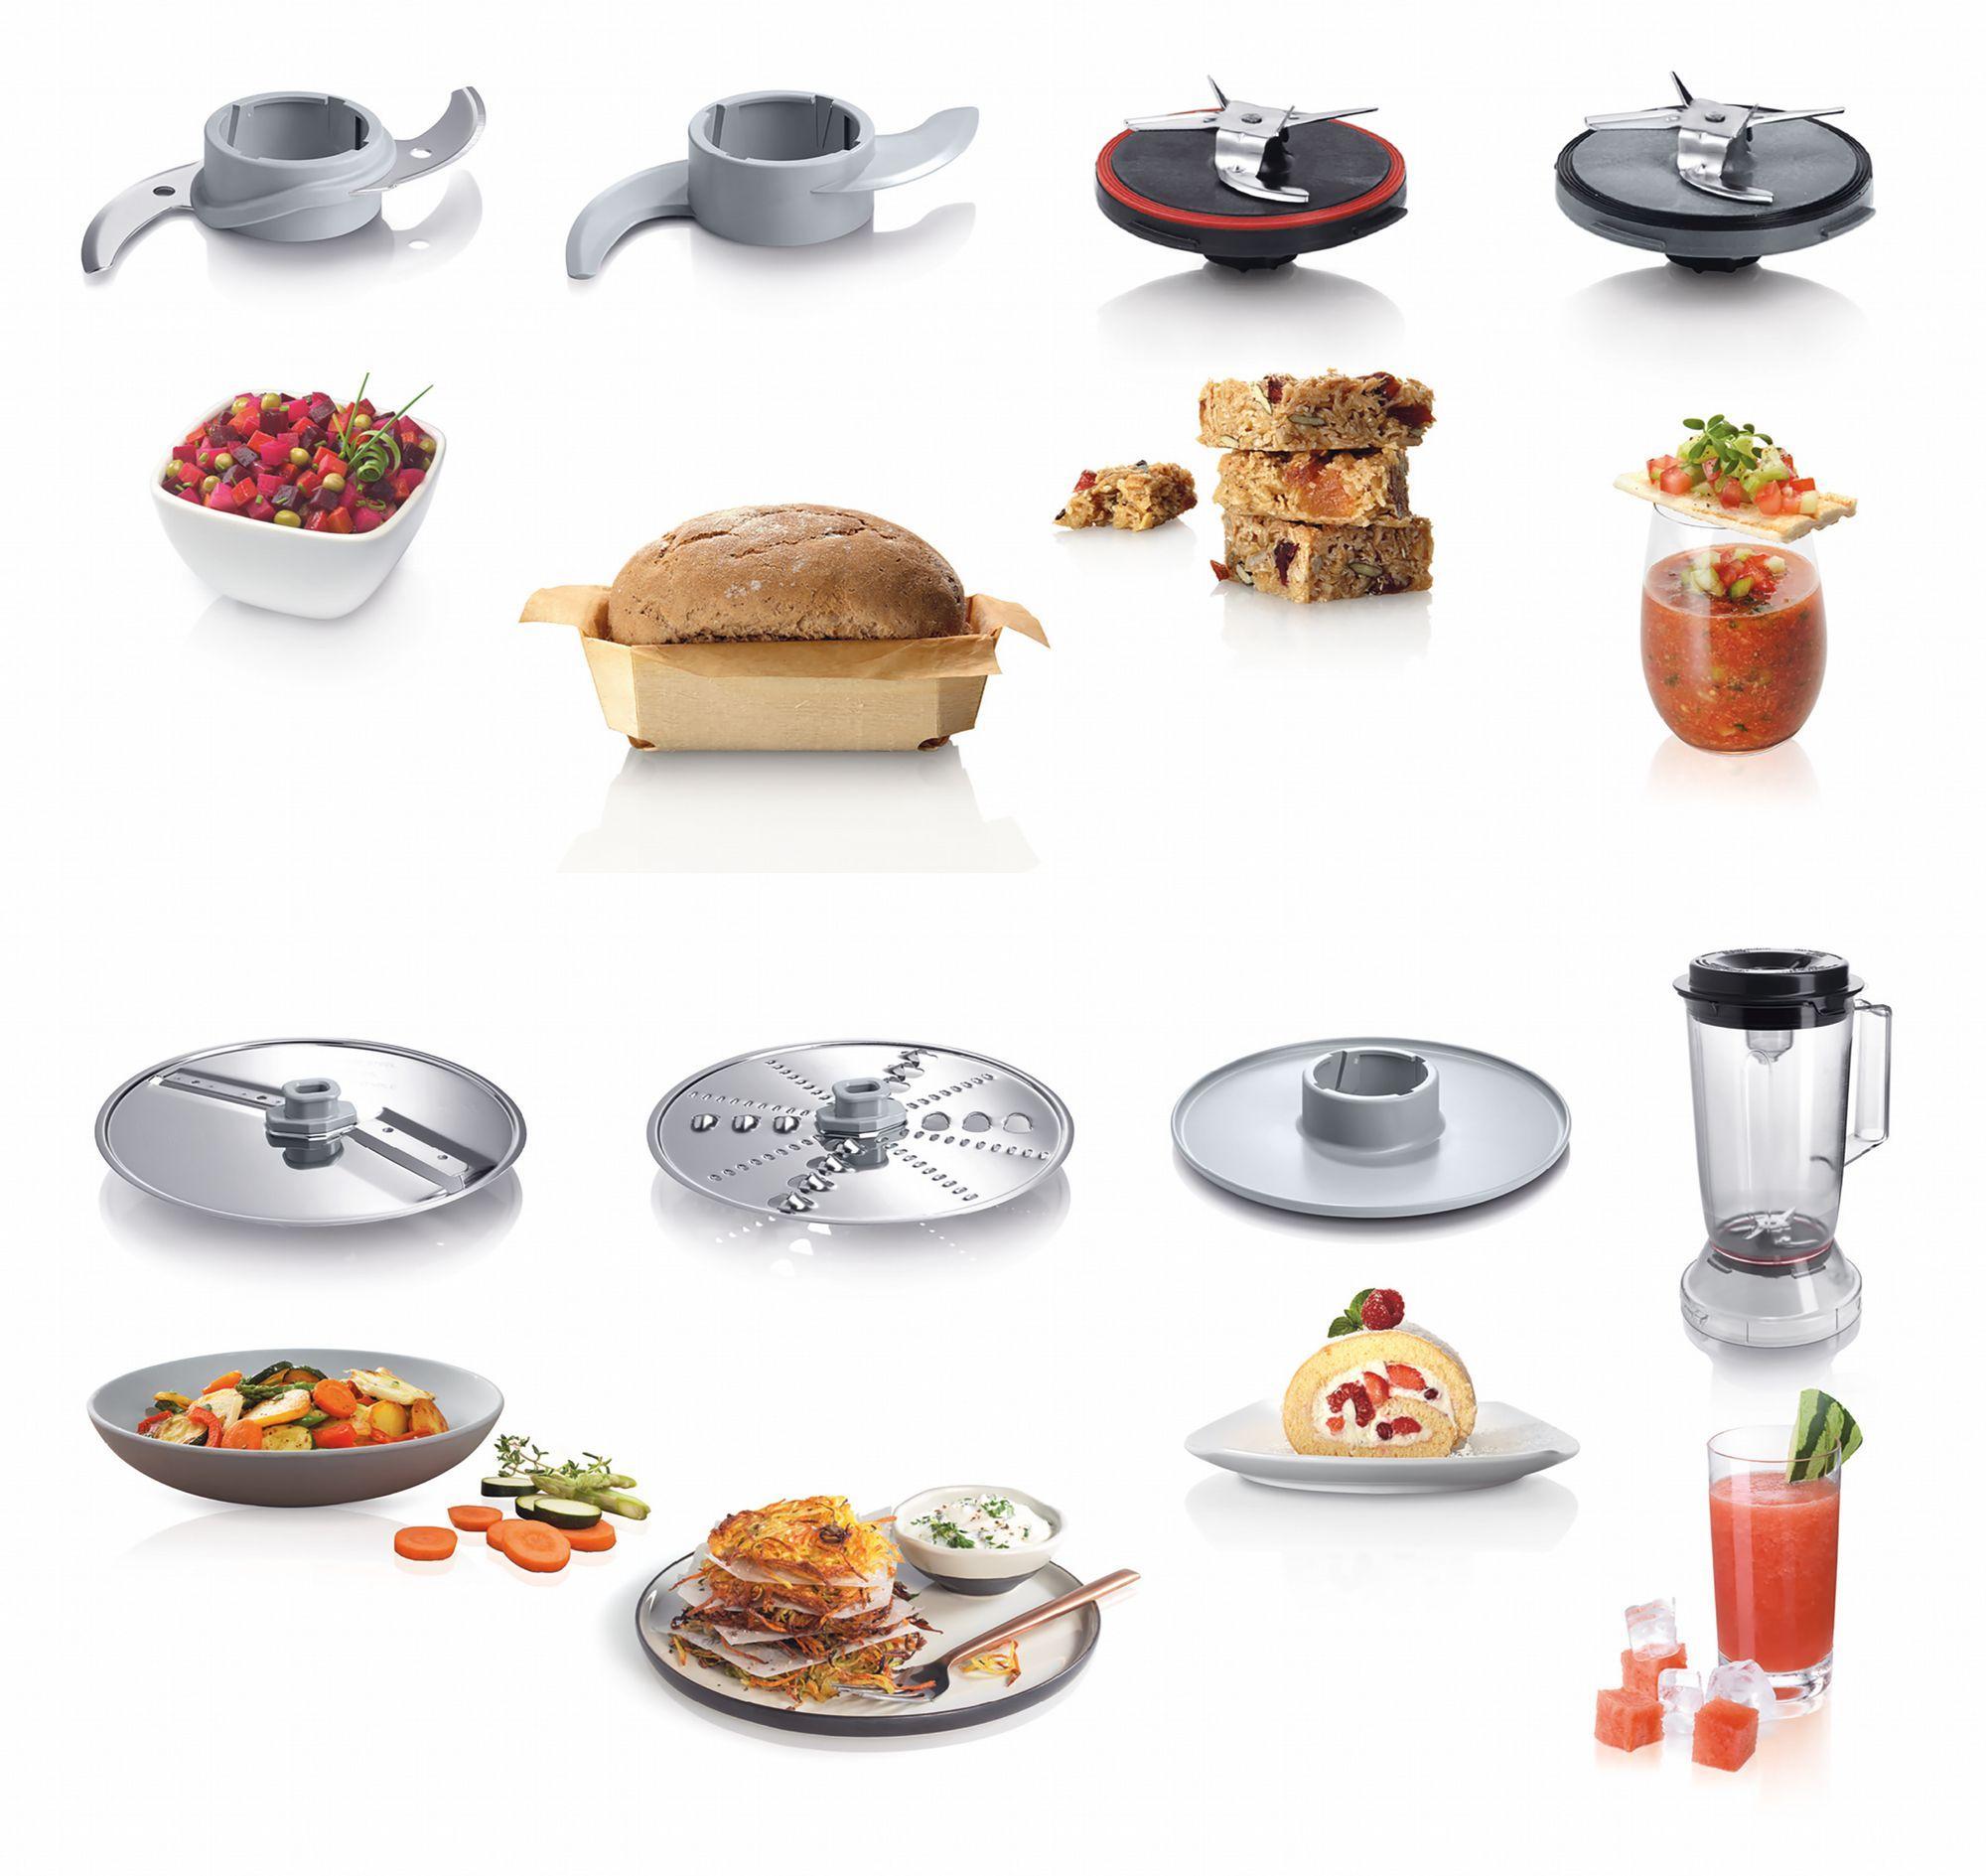 Bosch mcm3501m robot da cucina compatto nero argento - Robot da cucina compatto ...